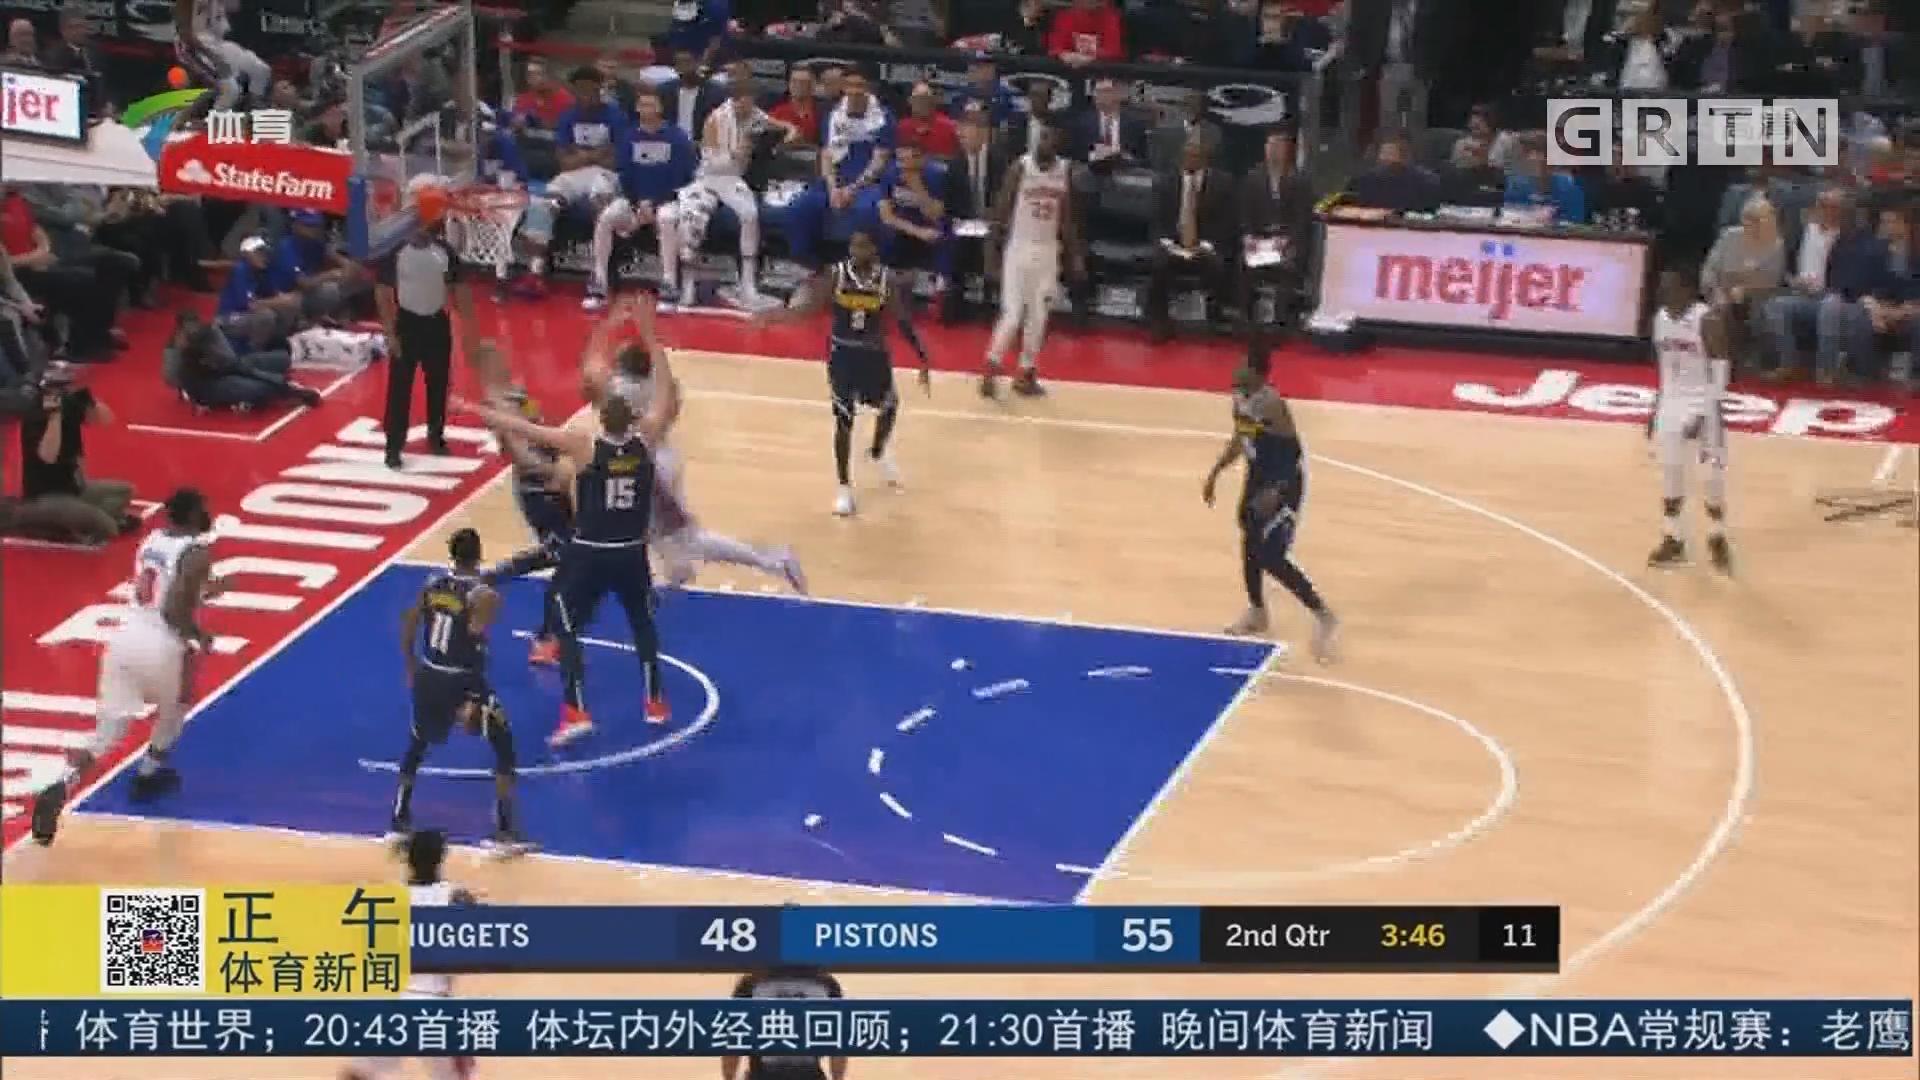 NBA 双塔发威 活塞击退掘金